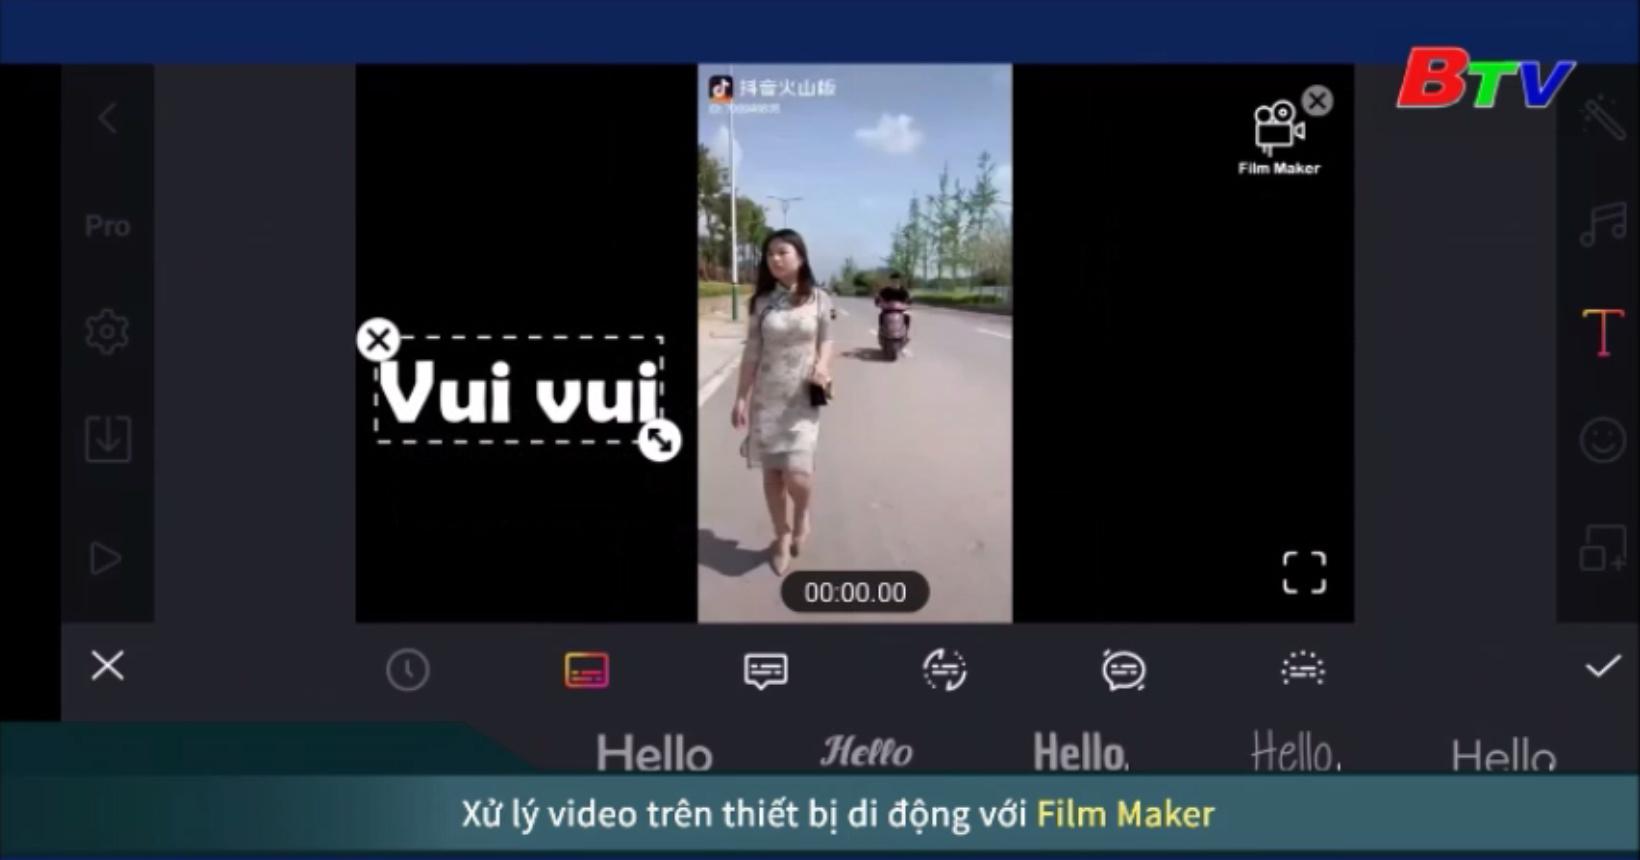 Xử lý video trên thiết bị di động với Film Maker